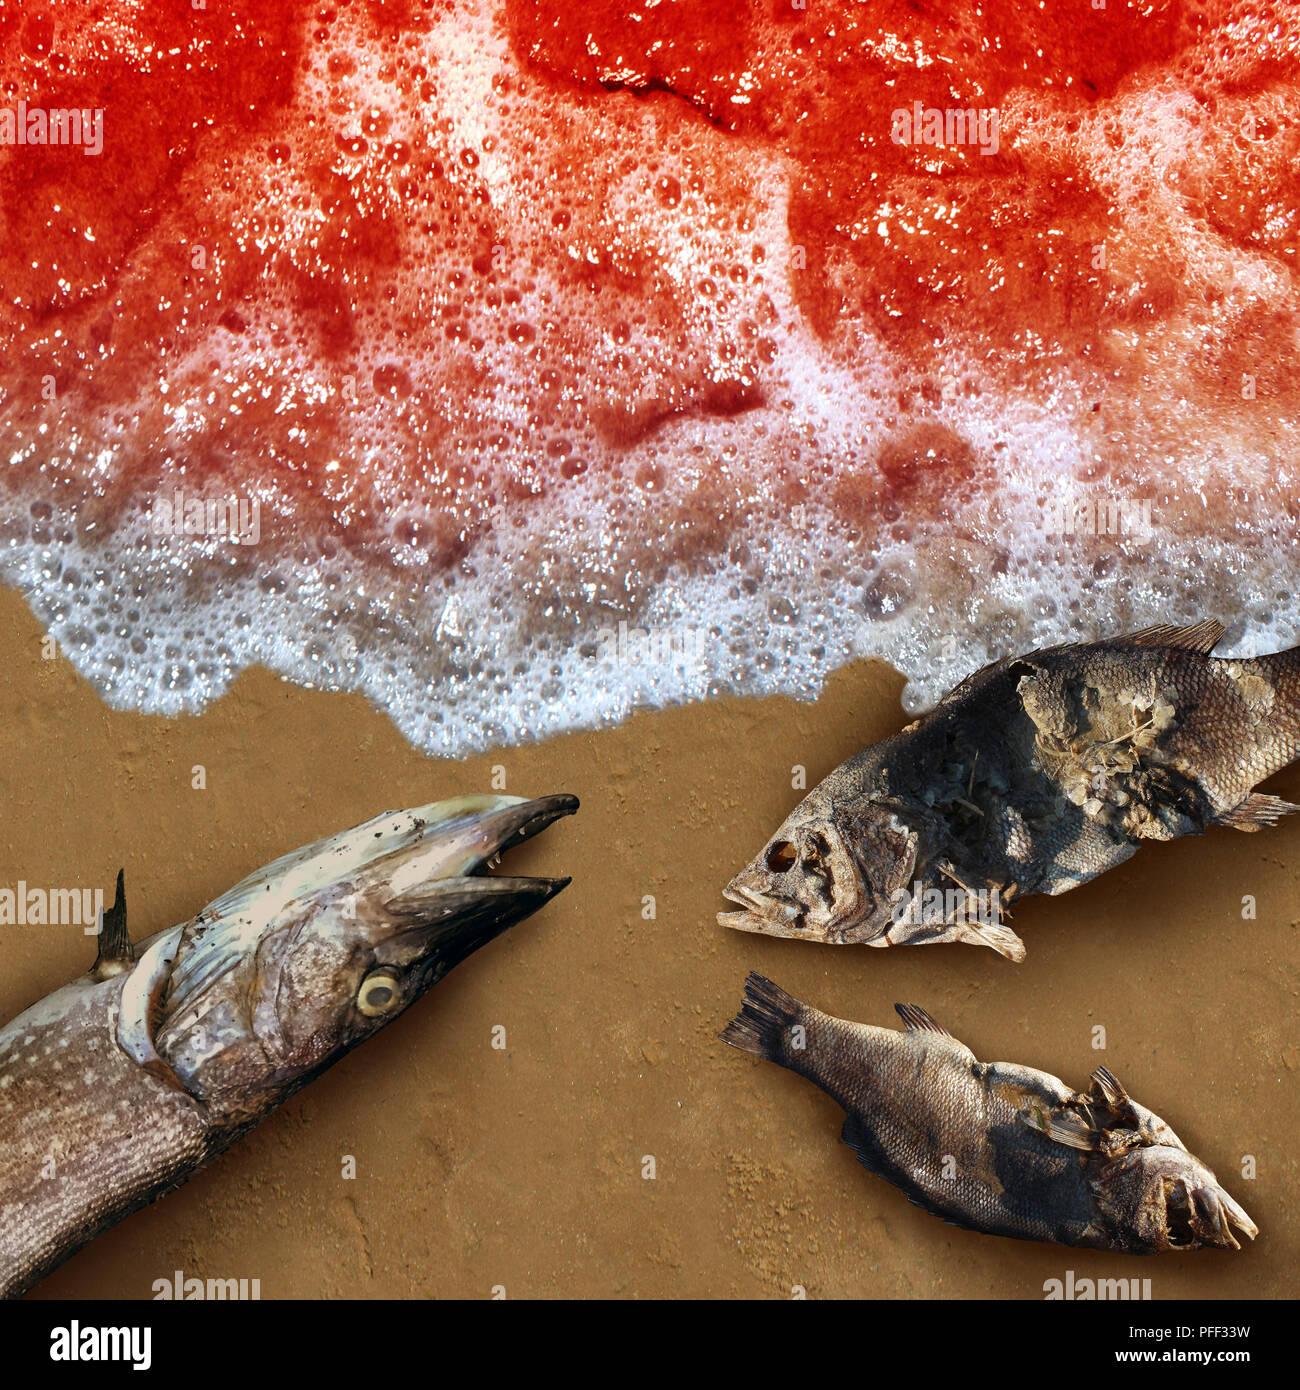 Marée rouge toxine naturelle mortelle algues trouvés dans l'océan ou la mer comme un concept de la mort la vie marine comme un cadre conceptuel dans un style 3D illustration. Photo Stock